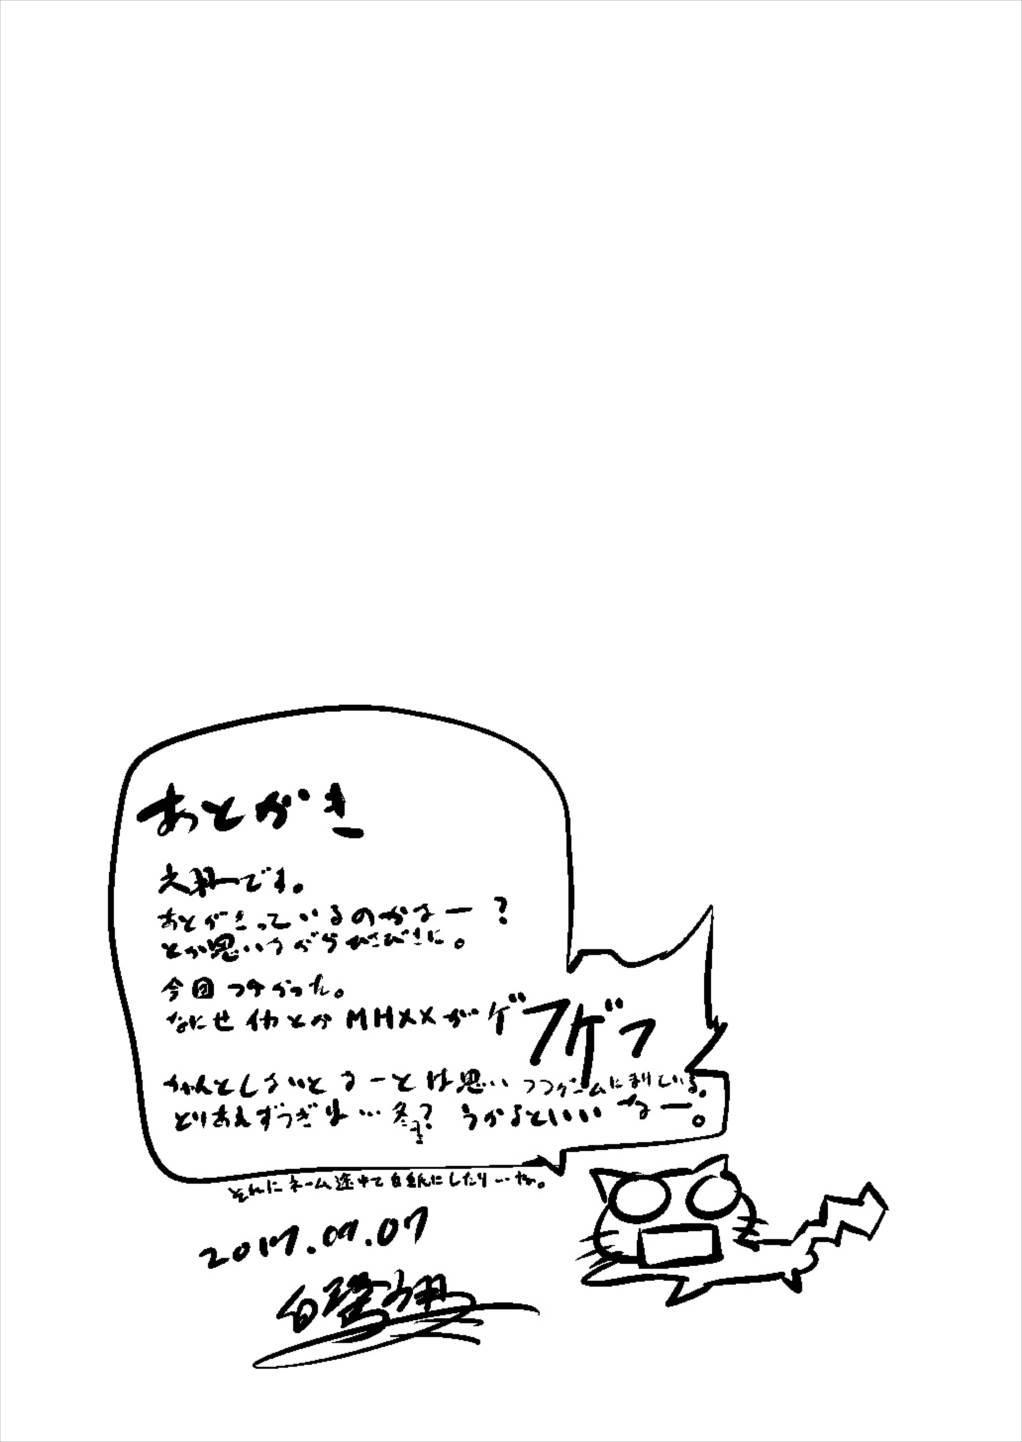 コトノハラバーズ VOL.06 【お姉ちゃん観察日記】 20